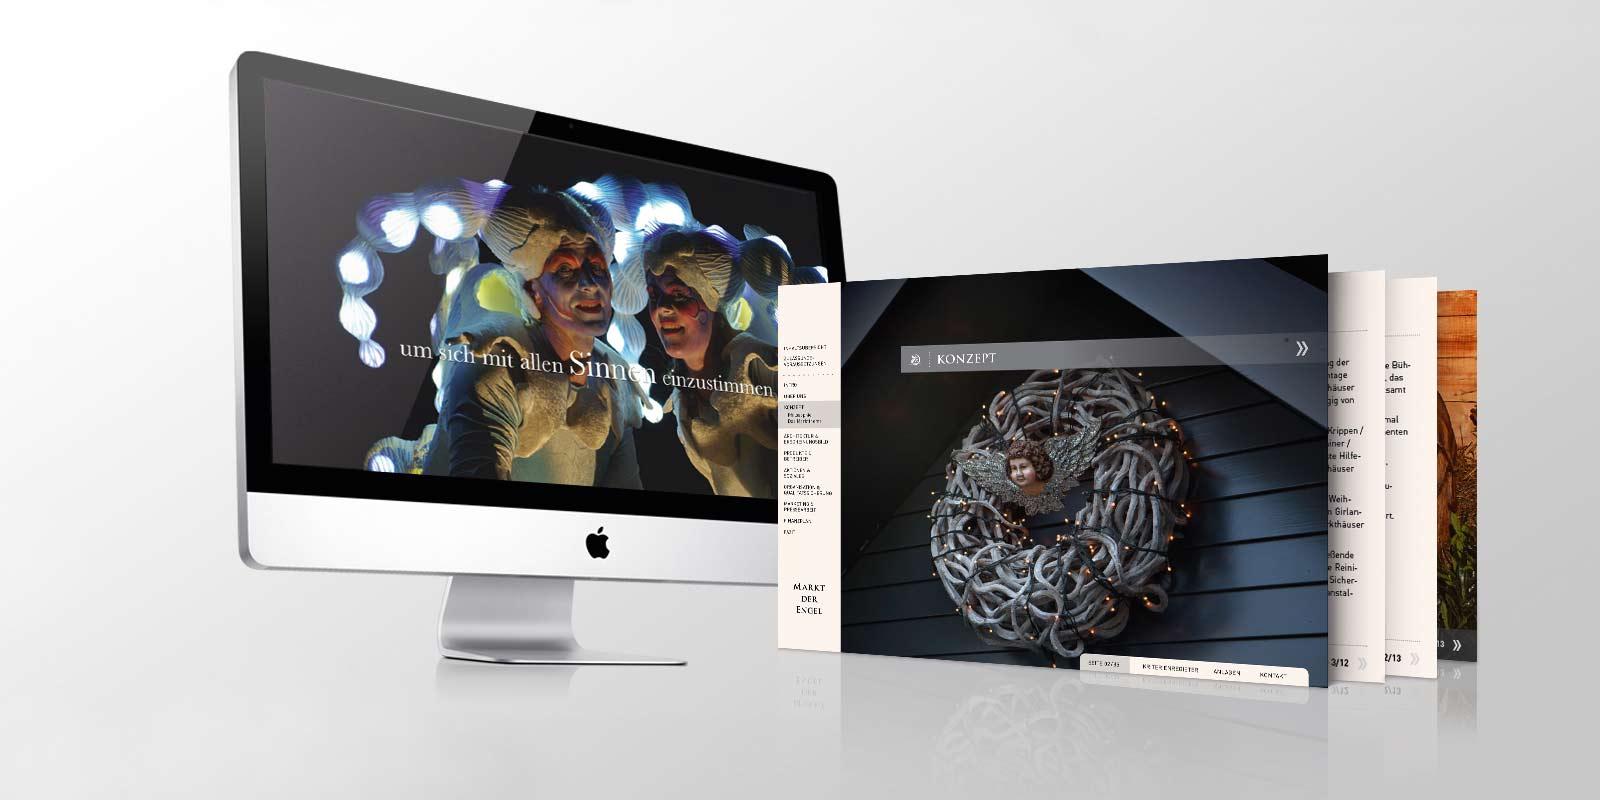 Ein wunderschönes Marketing Kommunikation Projekt: reinsicht gestaltete diese Medien samt Imagefilm.